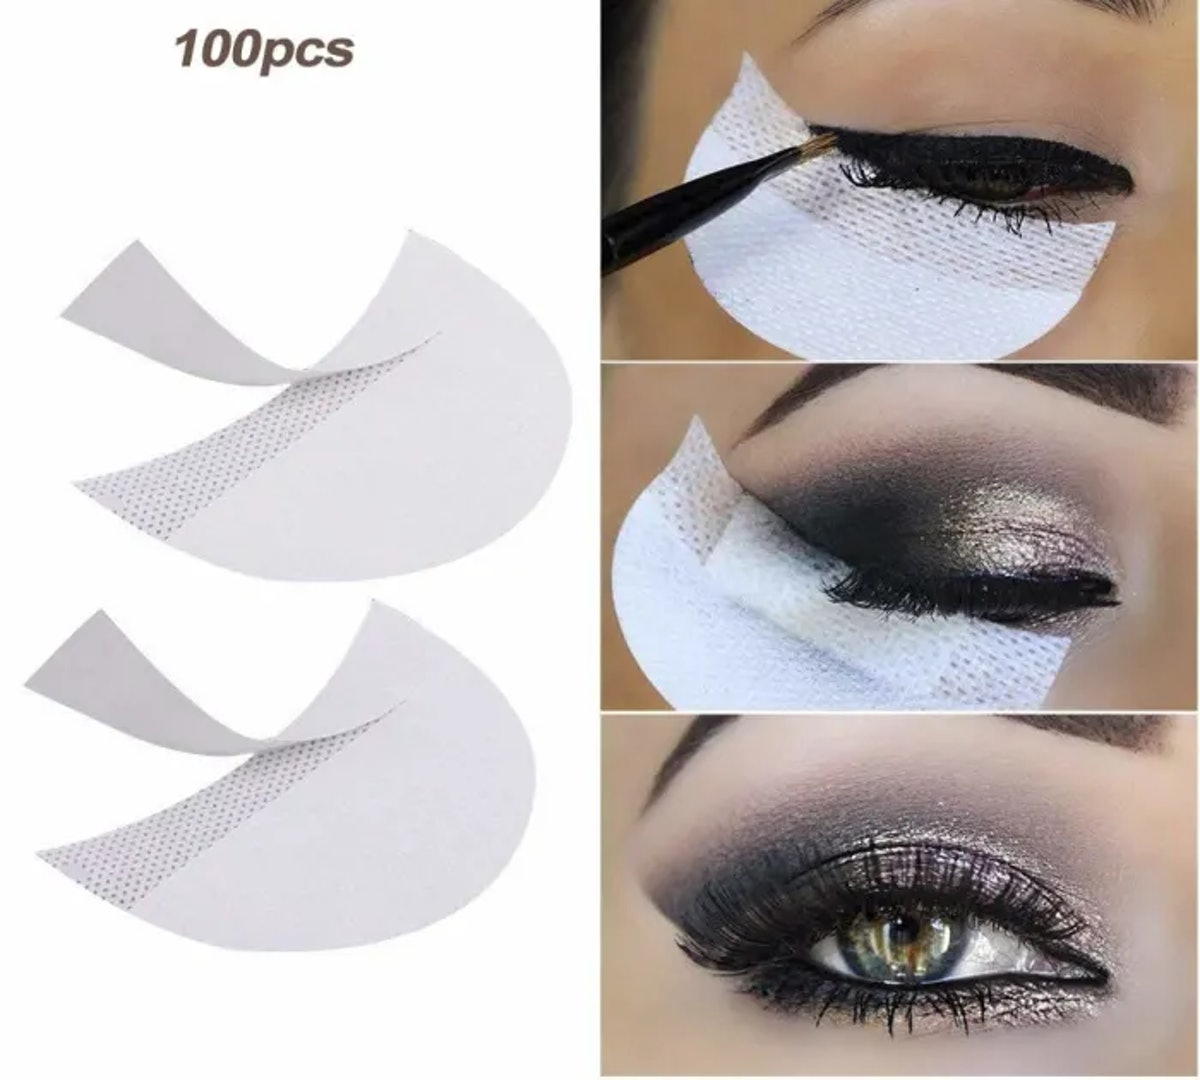 LKE Eyeshadow Stencils (100 Pack)